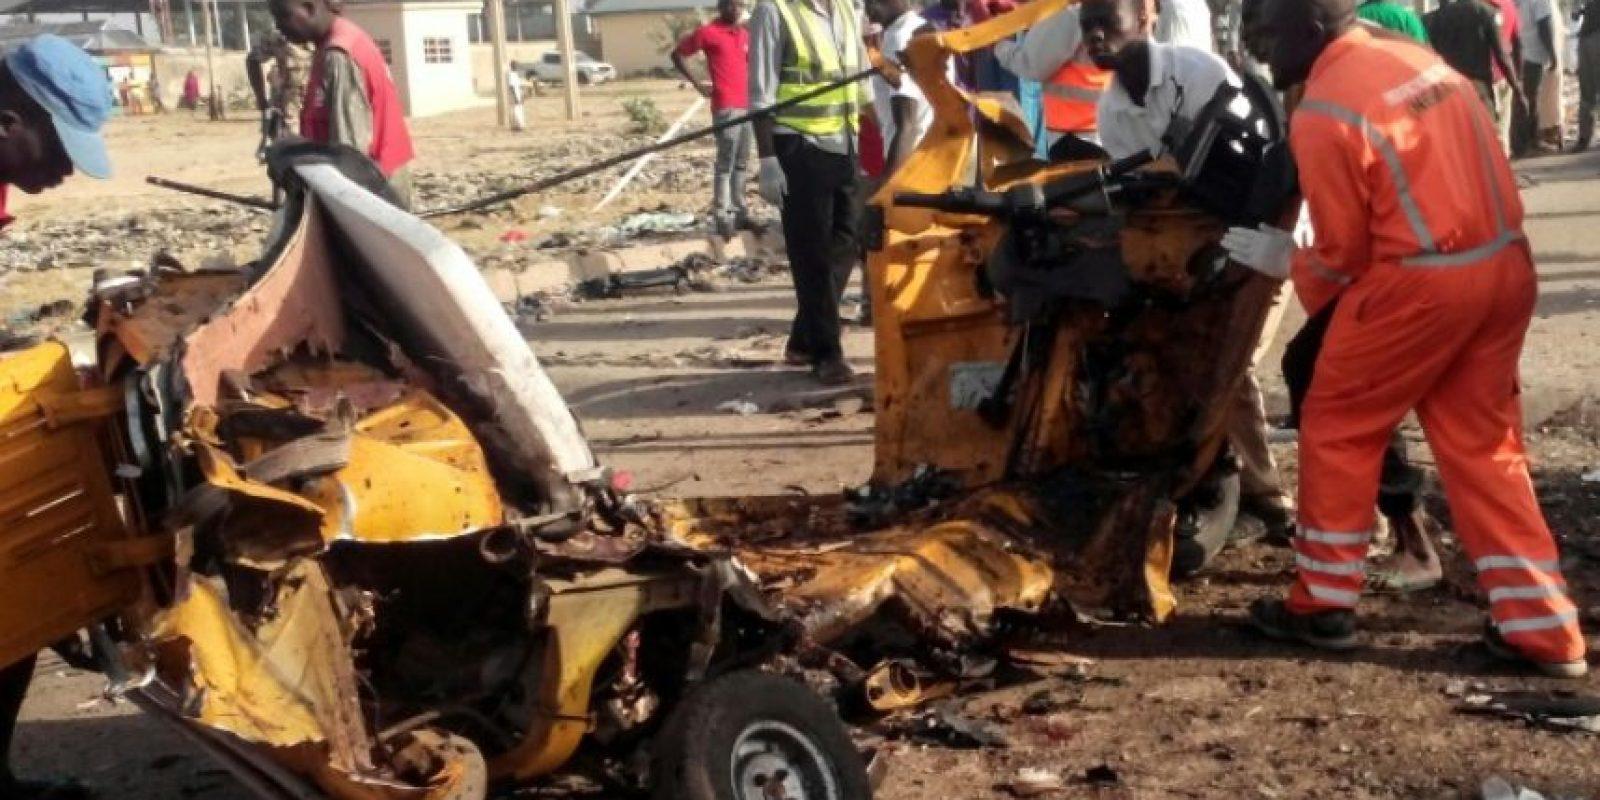 Personal de los servicios de emergencia nigerianos retiran restos de un vehículo destrozado por una explosión el 29 de octubre de 2016 en Maiduguri, Nigeria, en un atentado suicida Foto:Joshoua Omirin/afp.com